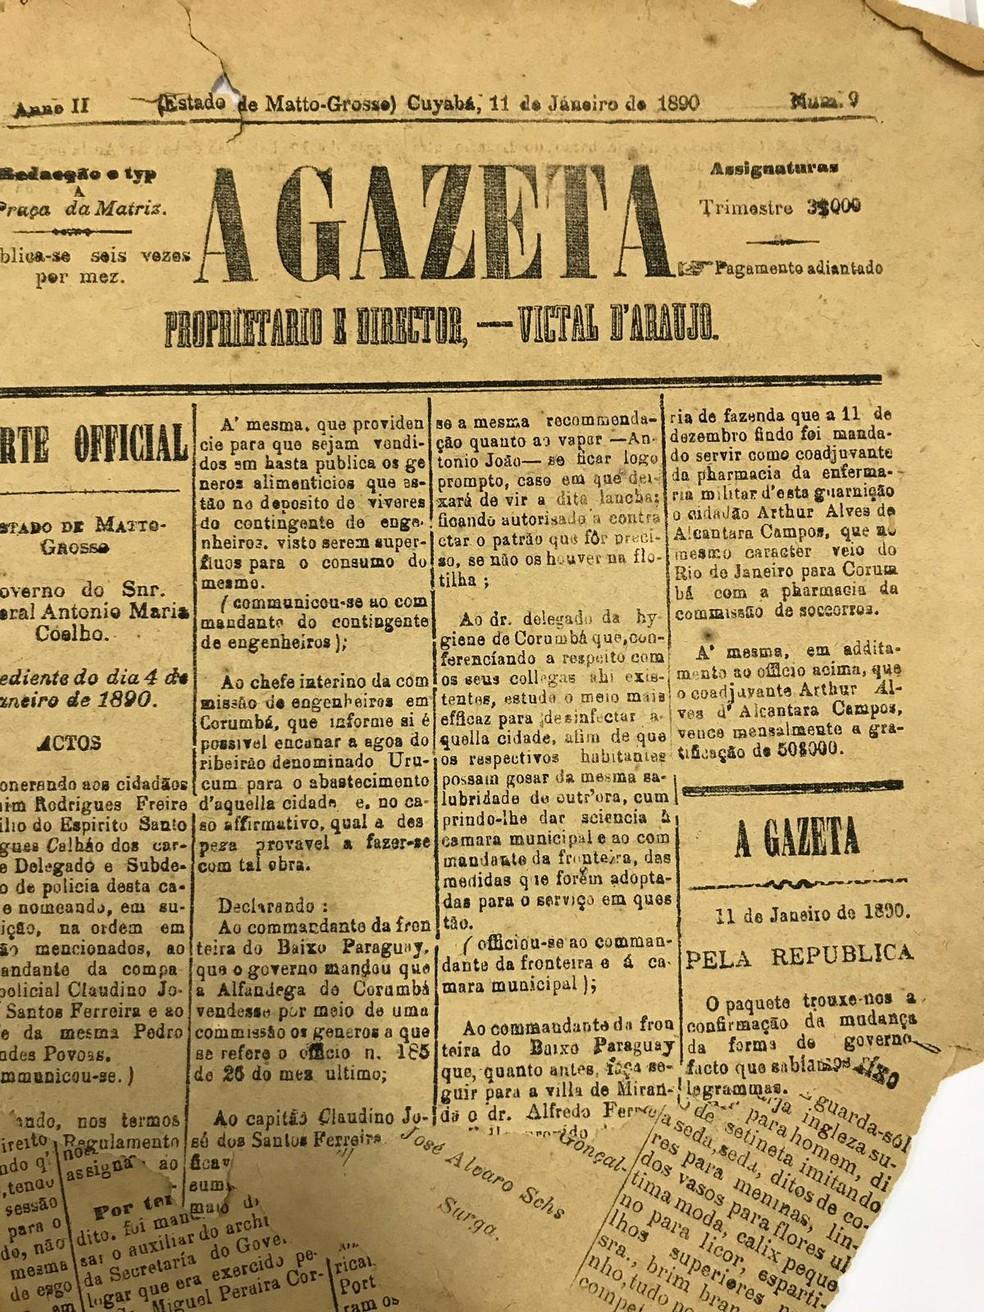 Jornais e periódicos contam a história de Cuiabá ao longo dos séculos — Foto: Arquivo Público/Reprodução